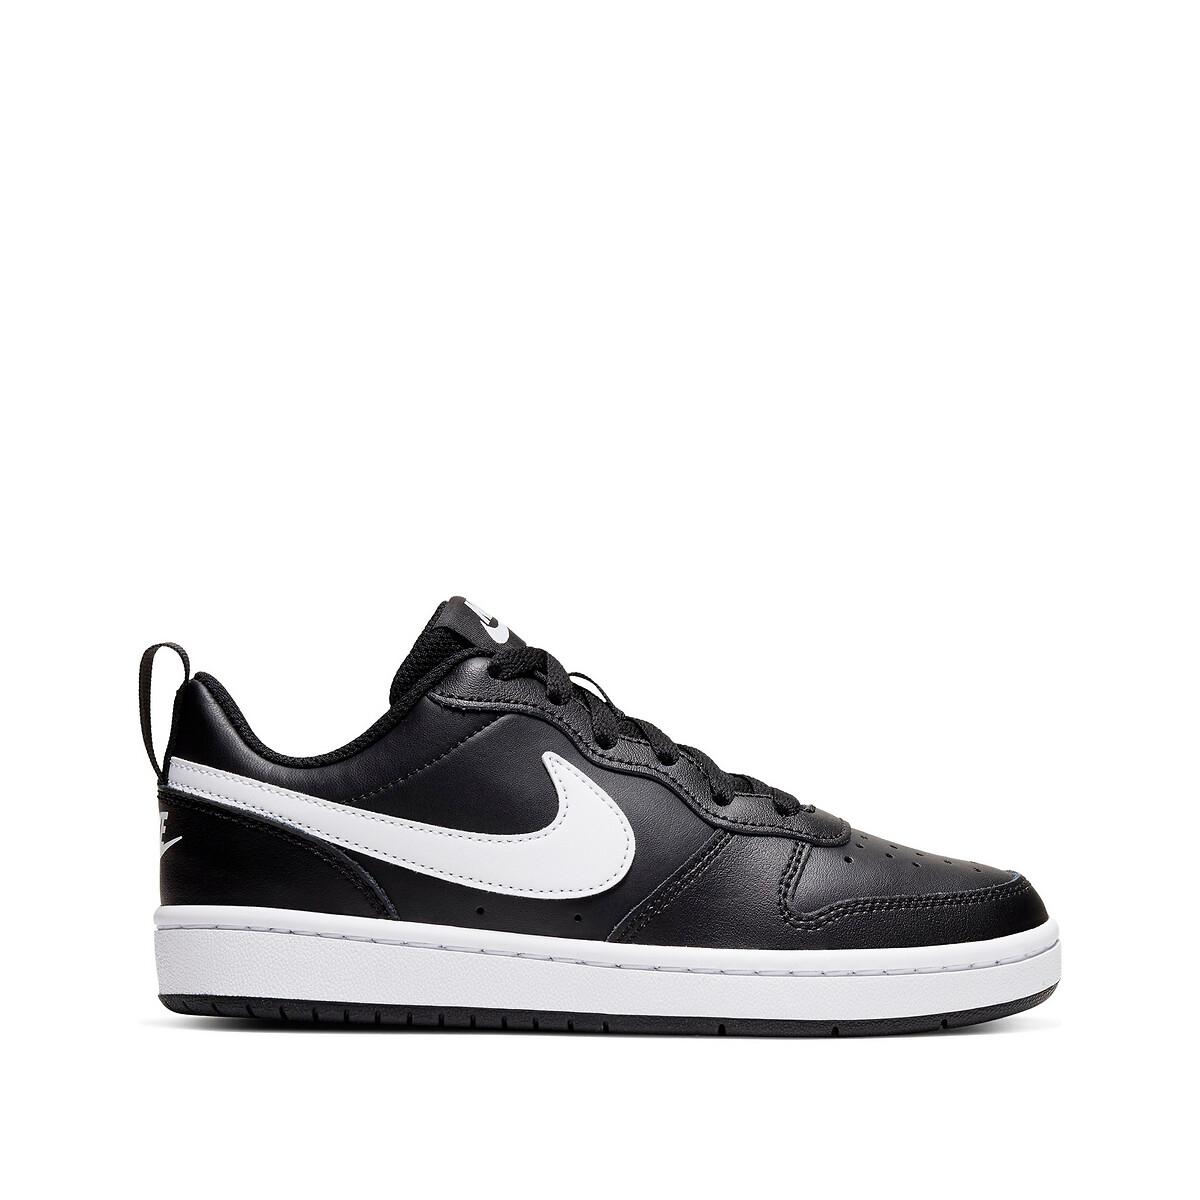 Nike Court Borough Low 2 (GS) leren sneakers zwart/wit online kopen